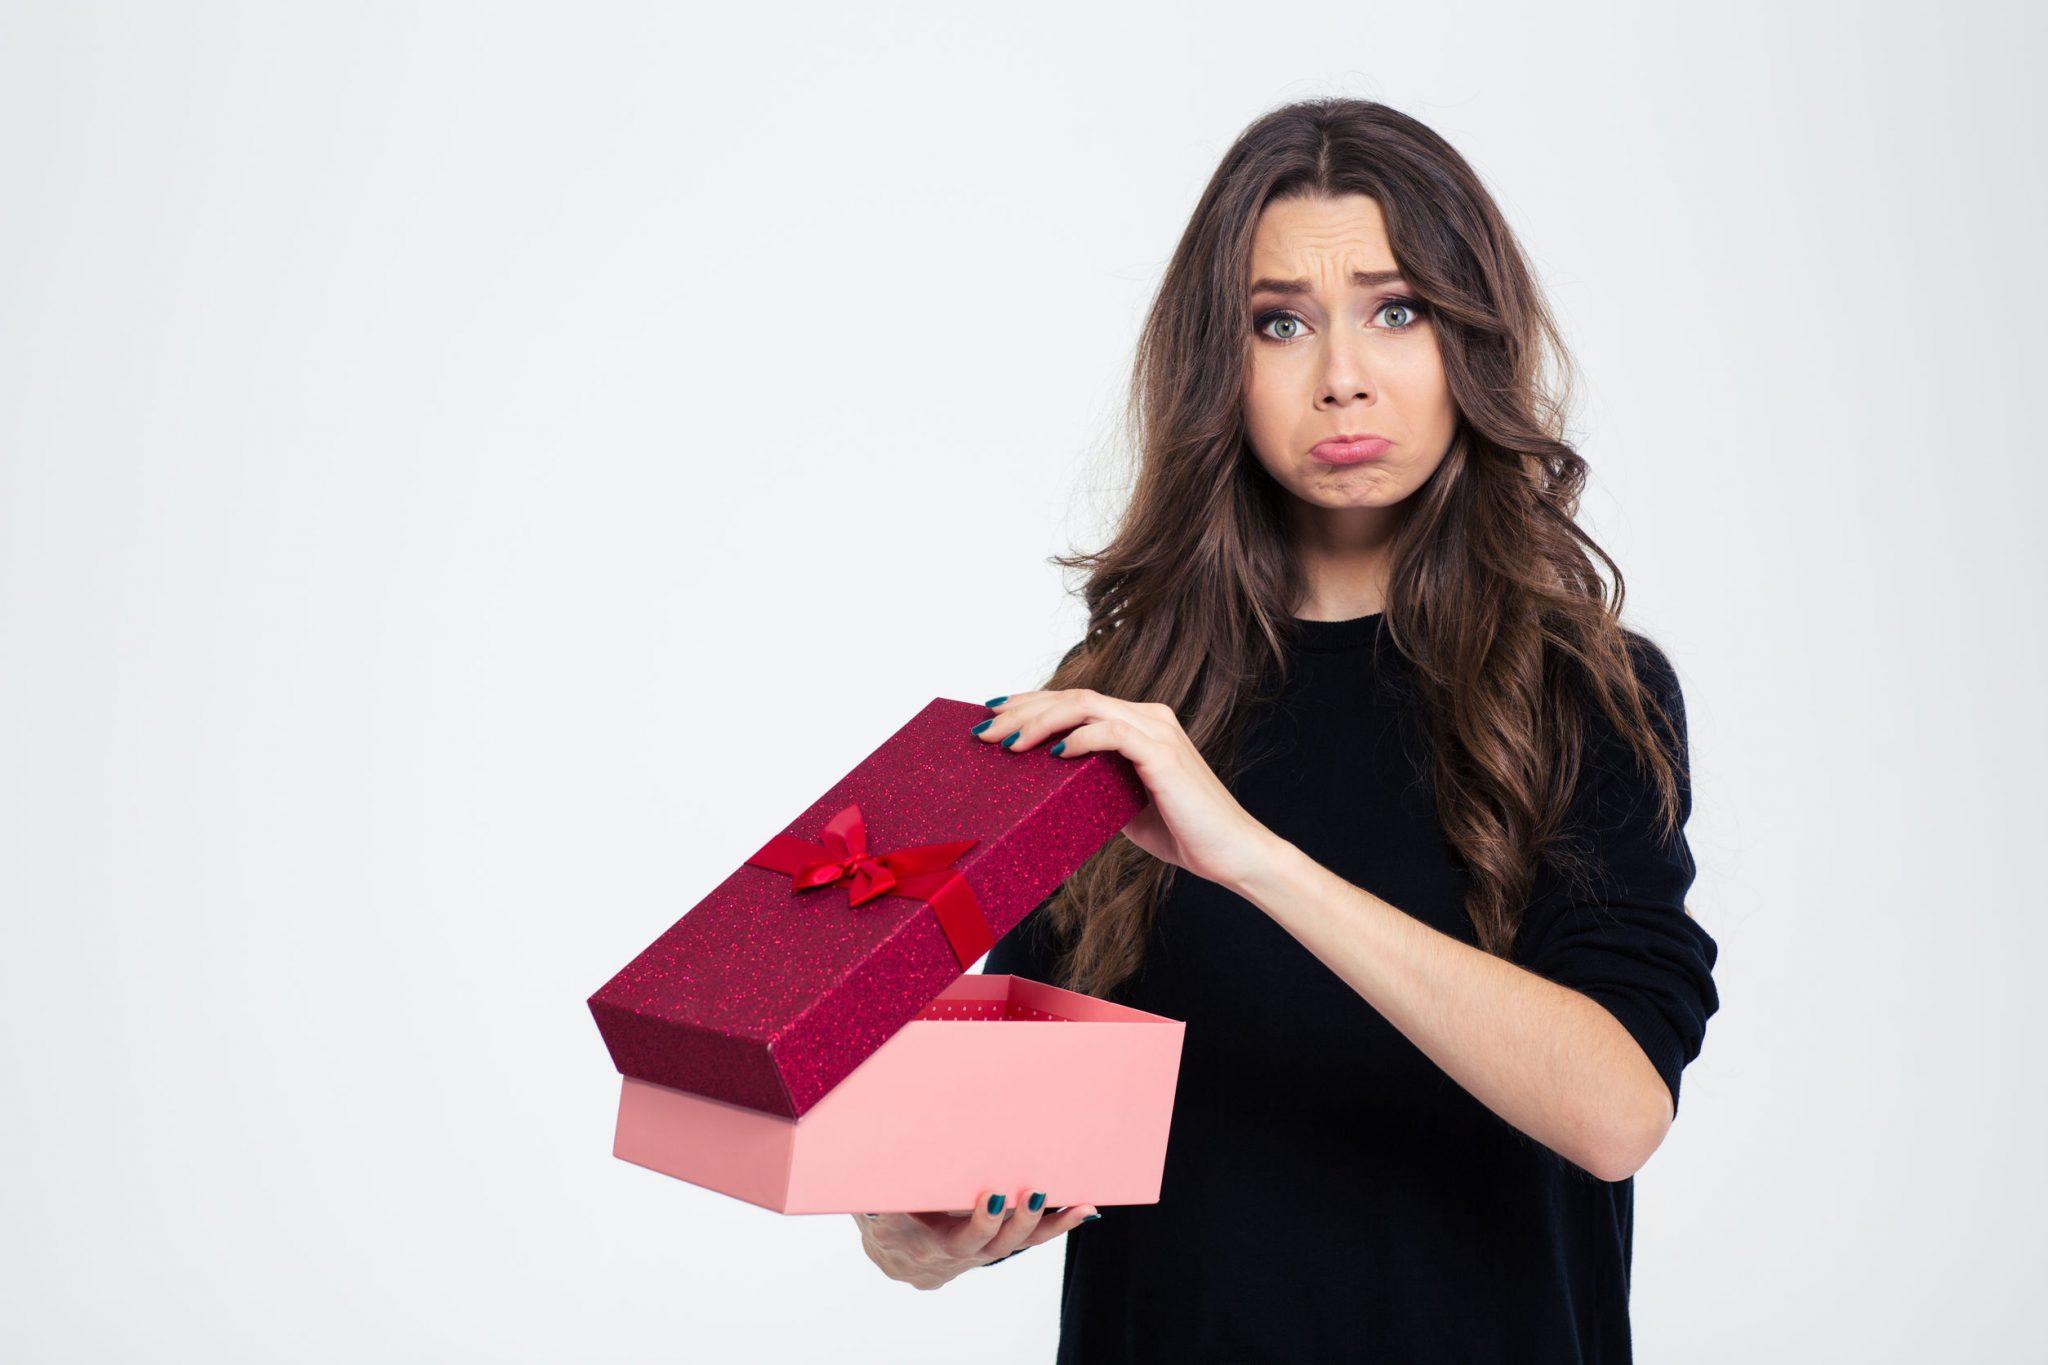 Qué hacer con los <a href='https://www.tablondeanuncios.com/regalos-originales-para-navidad.php' rel='nofollow'>regalos de navidad</a> que no te gustan